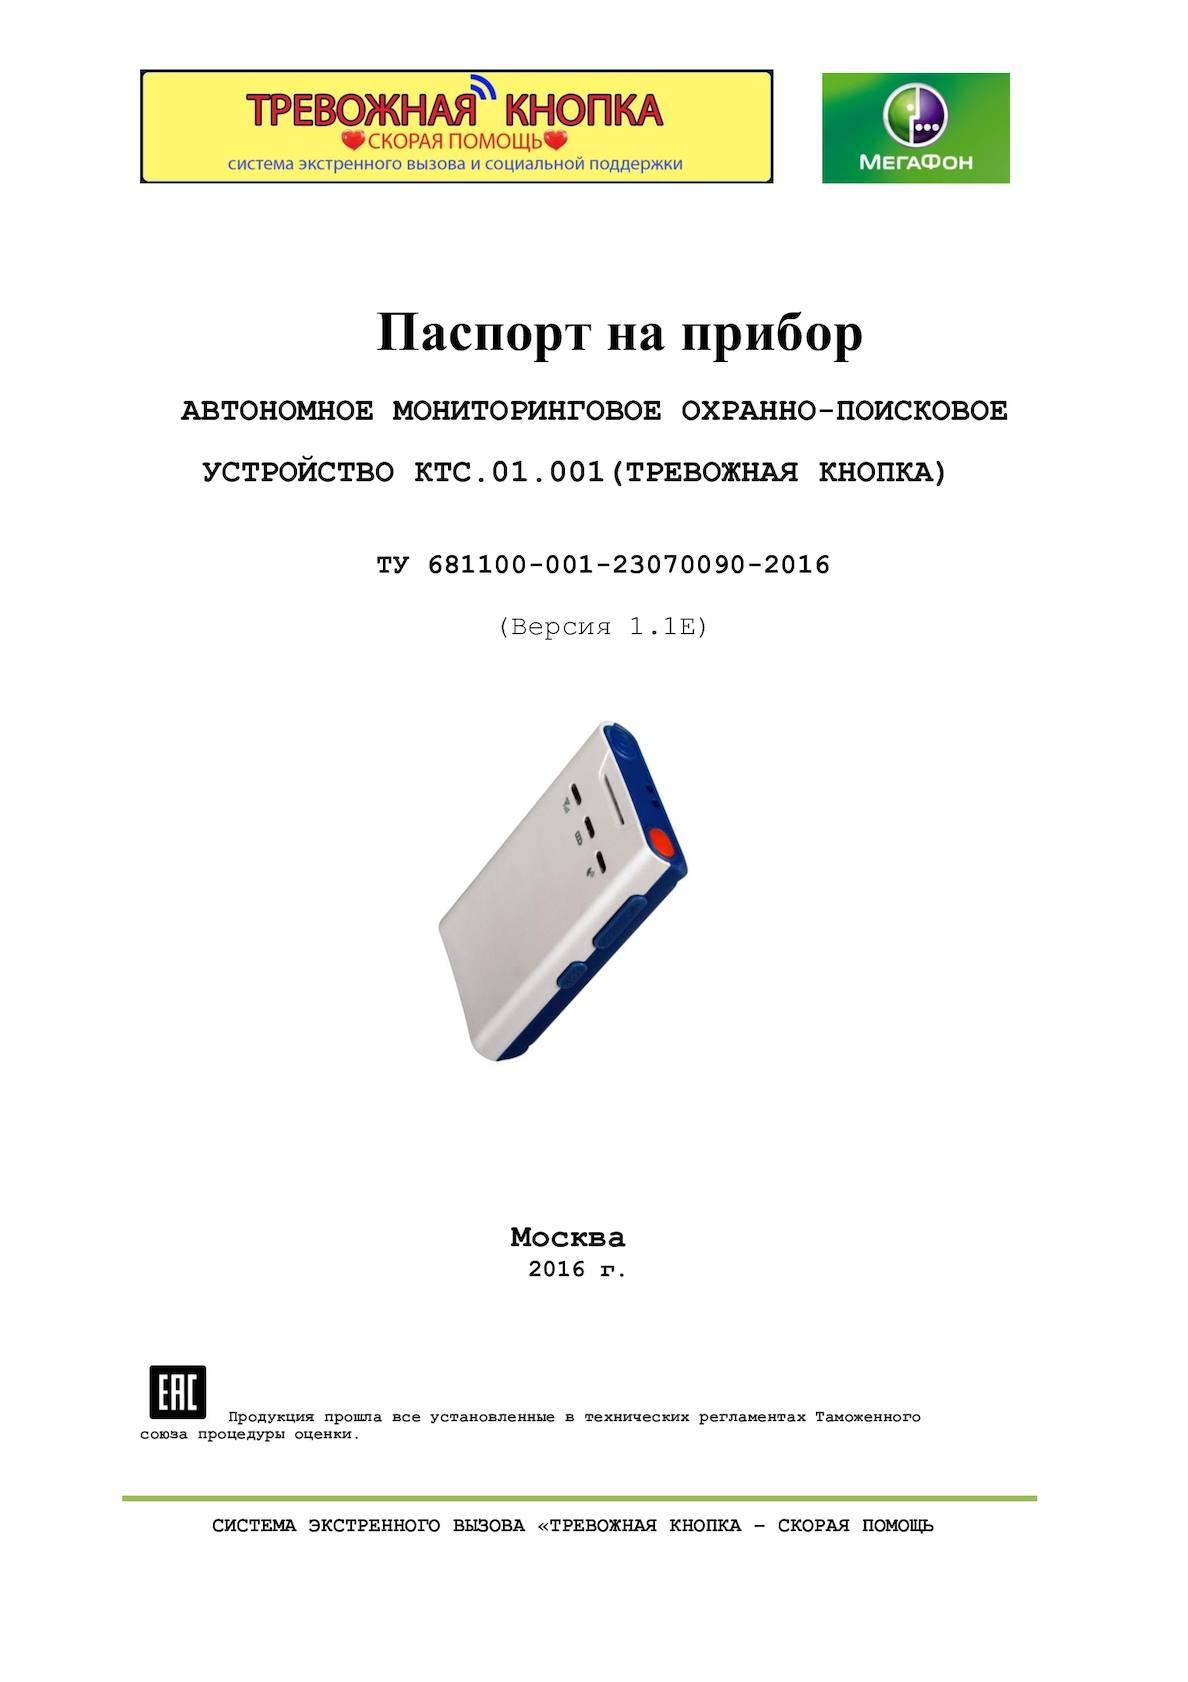 Инструкция. Паспорт на прибор.